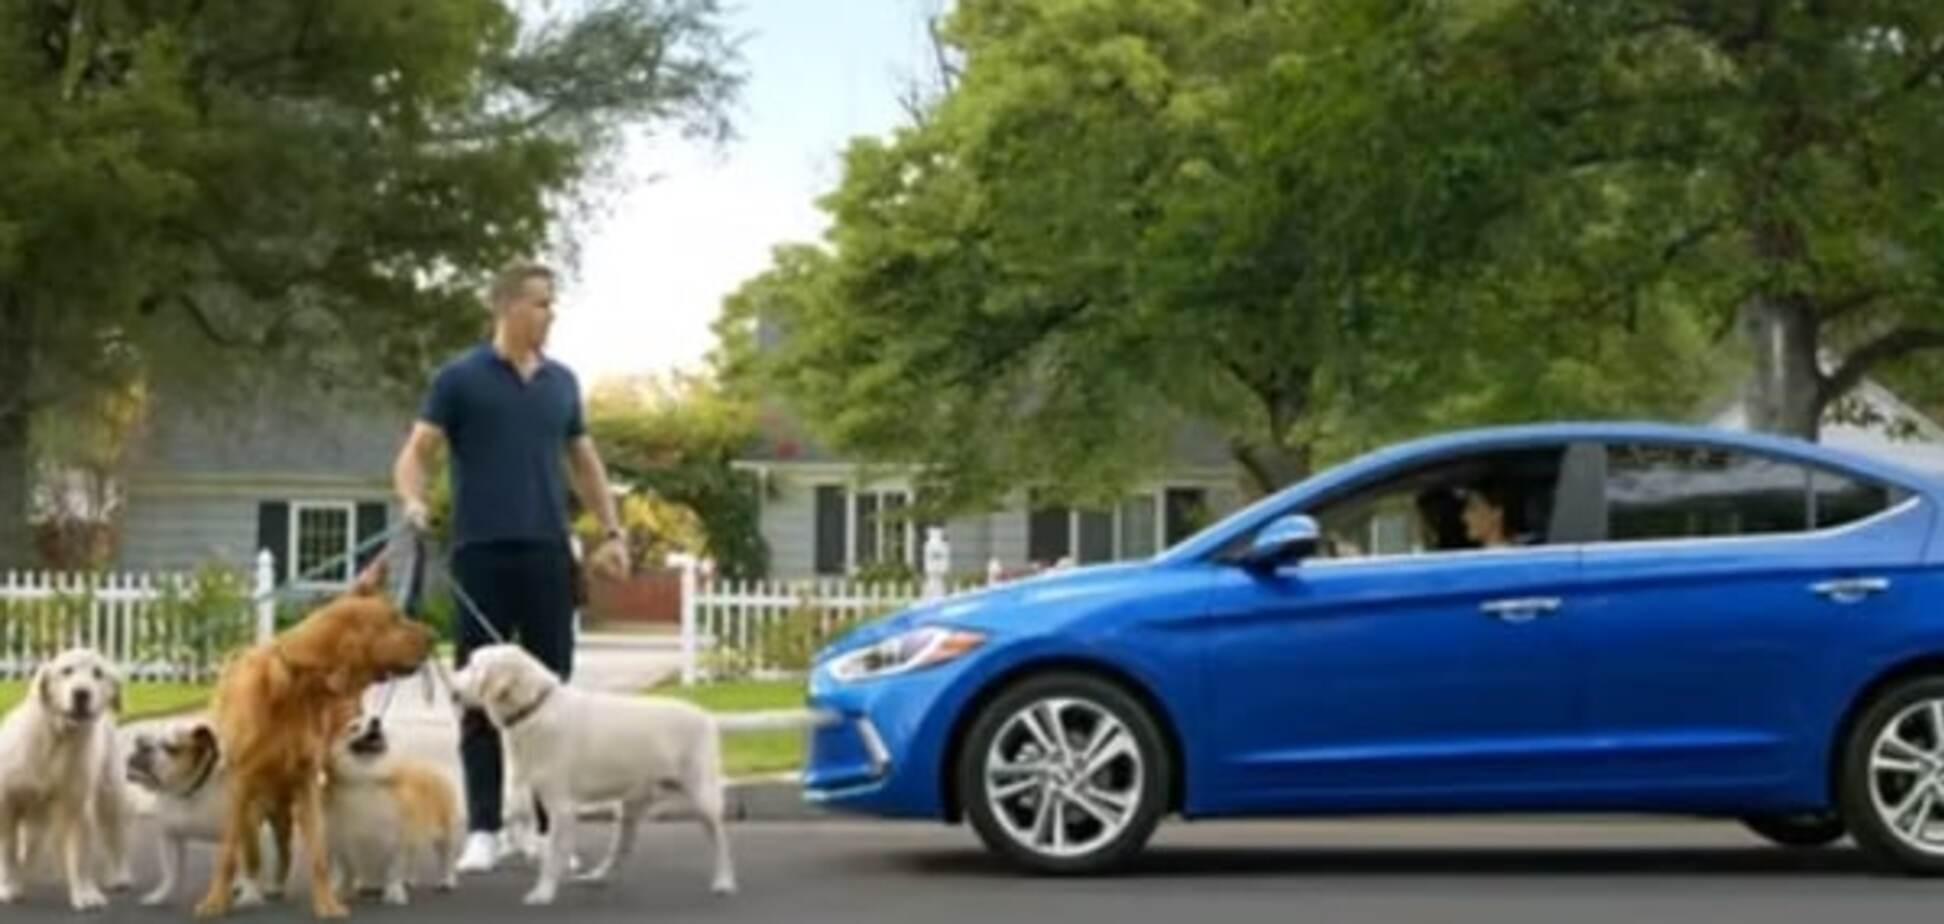 Голливудского секс-символа клонировали в рекламе нового авто: опубликовано видео